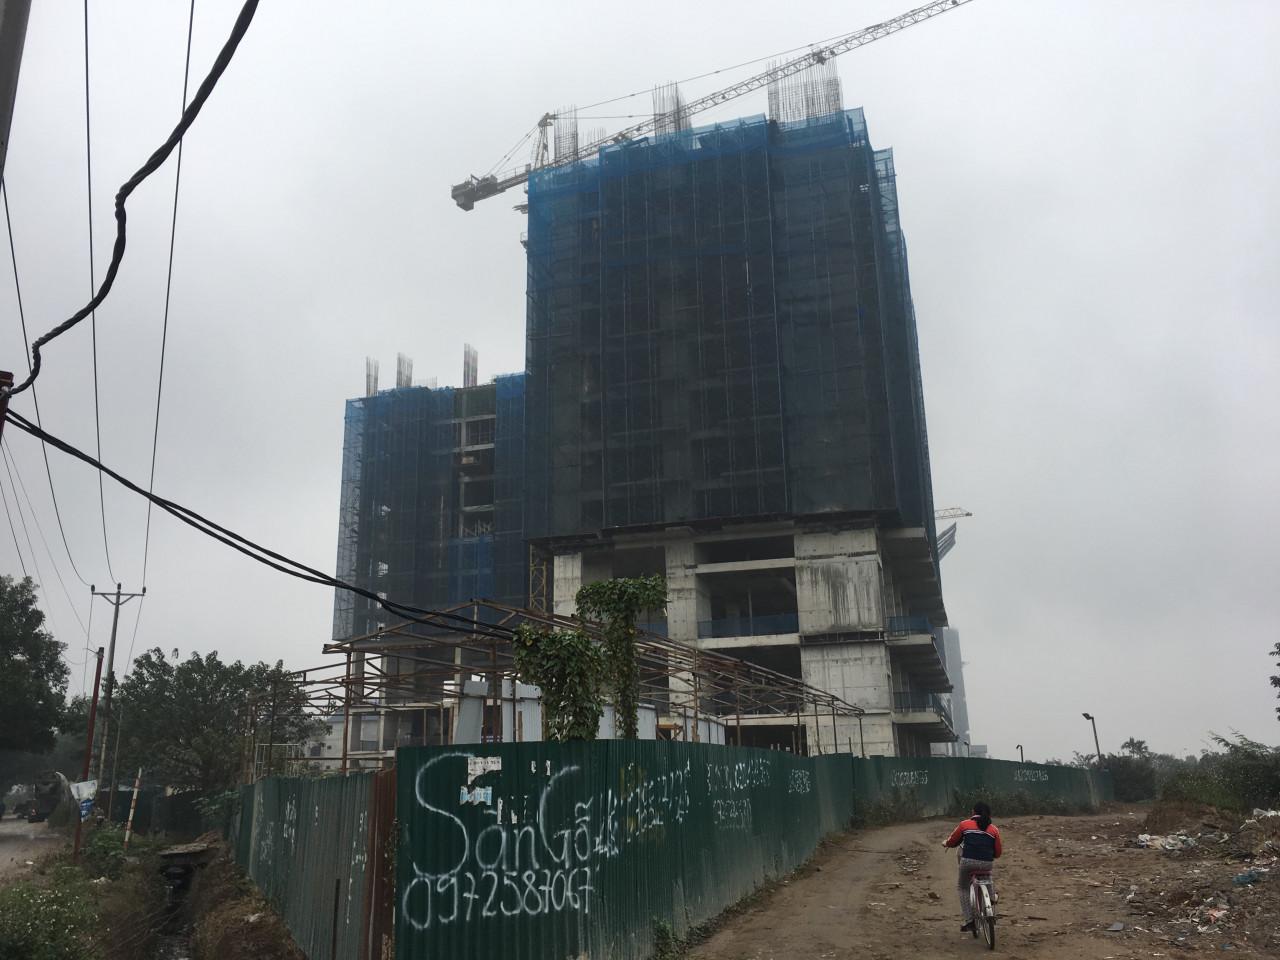 Tiến độ xây dựng chug cư B32 Đại Mỗ